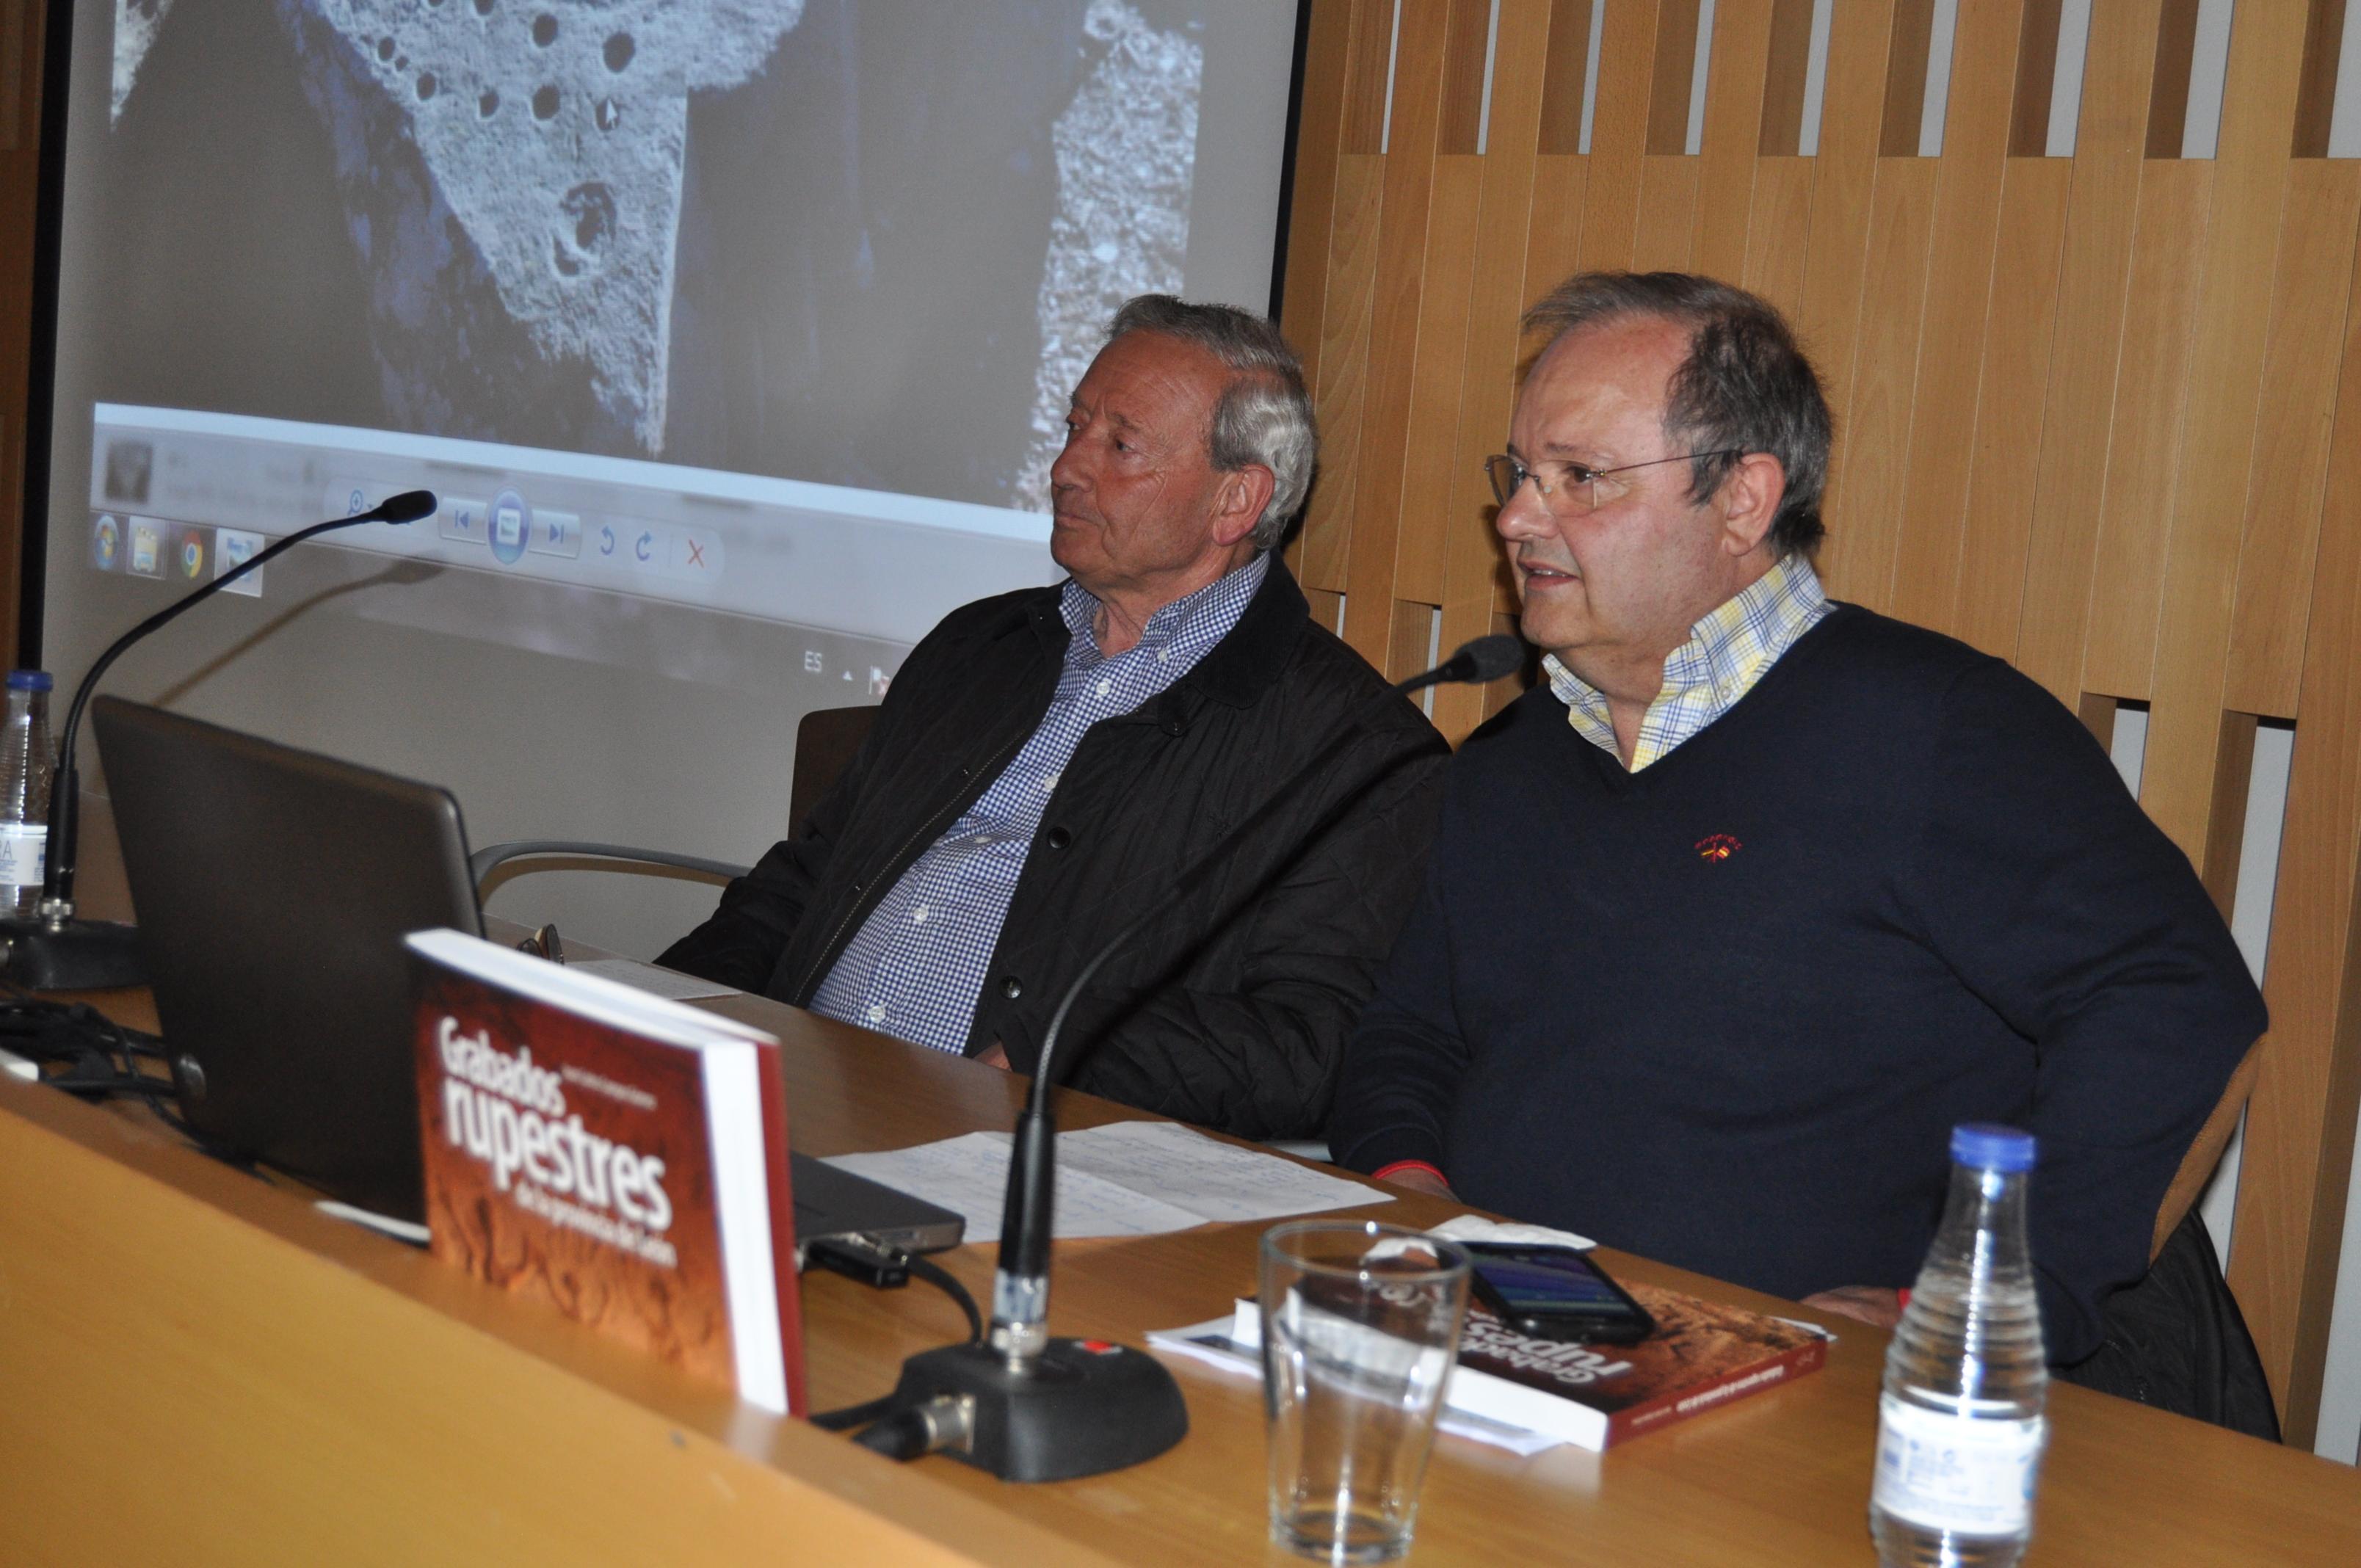 Juan Carlos Campos, junto al presidente de Promonumenta, durante su conferencia en la Fundación Sierra Pambley de León.